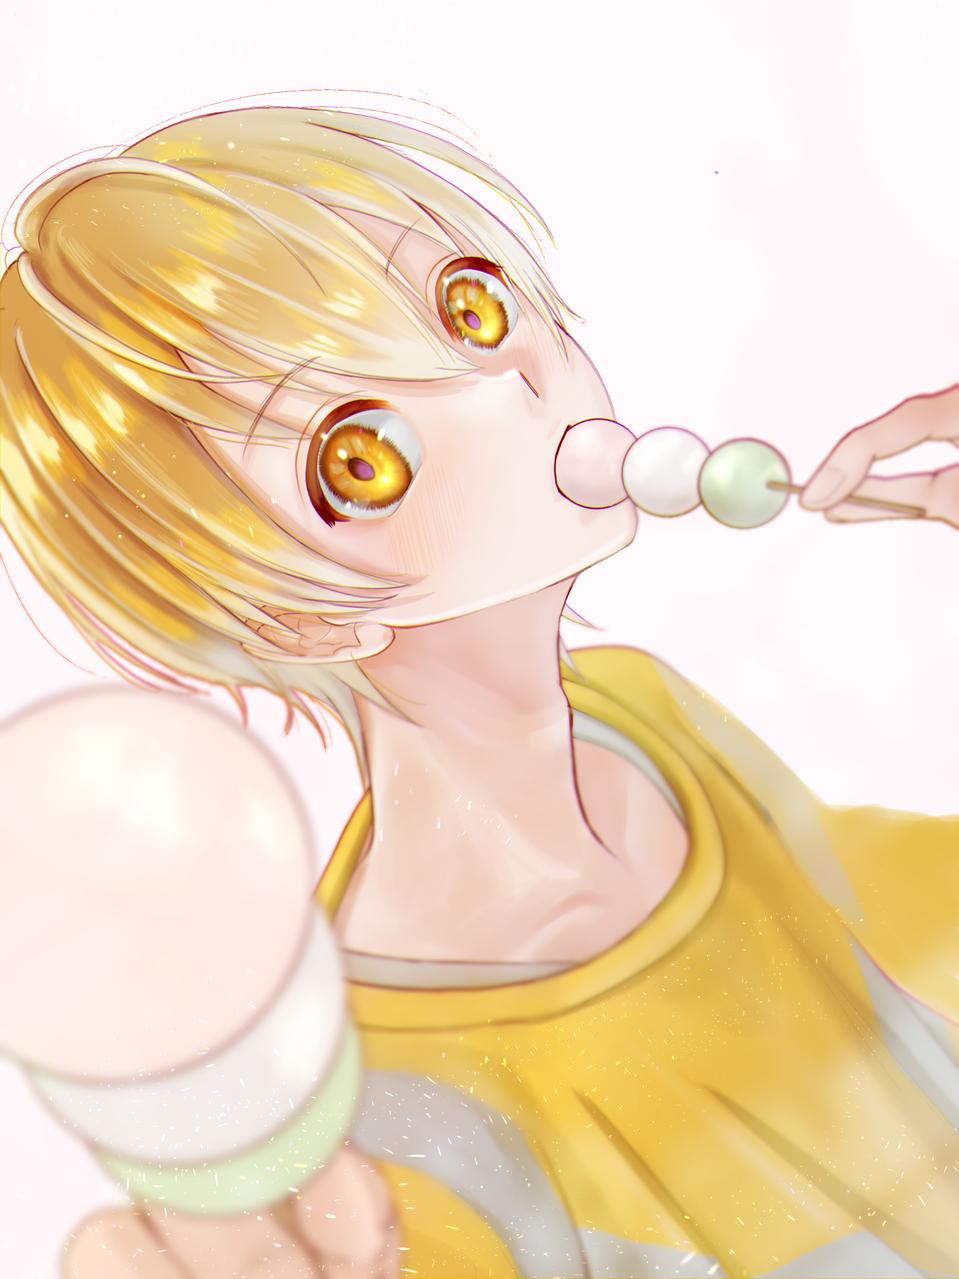 一緒にたべよ Illust of FJ boy fanart StrawberryPrince るぅと yellow かっこいい るぅとくん kawaii 三色団子